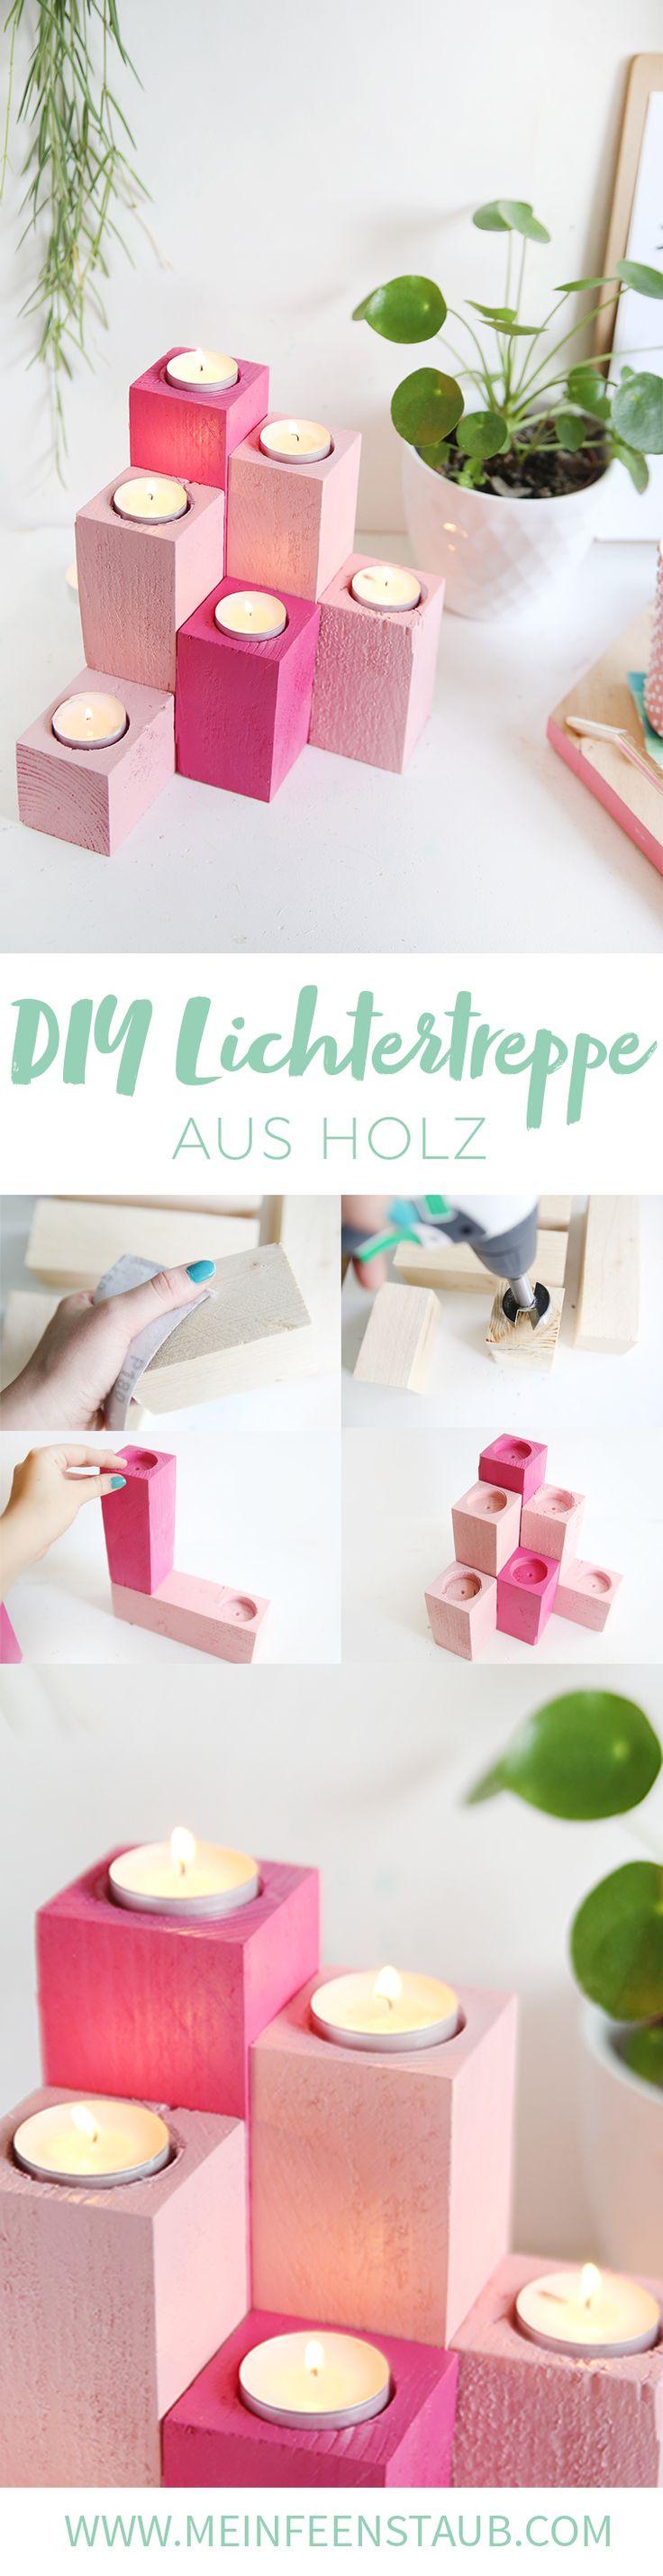 DIY Lichtertreppe aus Holz bauen – mein feenstaub – Blog: DIY, Dekoration, Lettering & Pflanzen